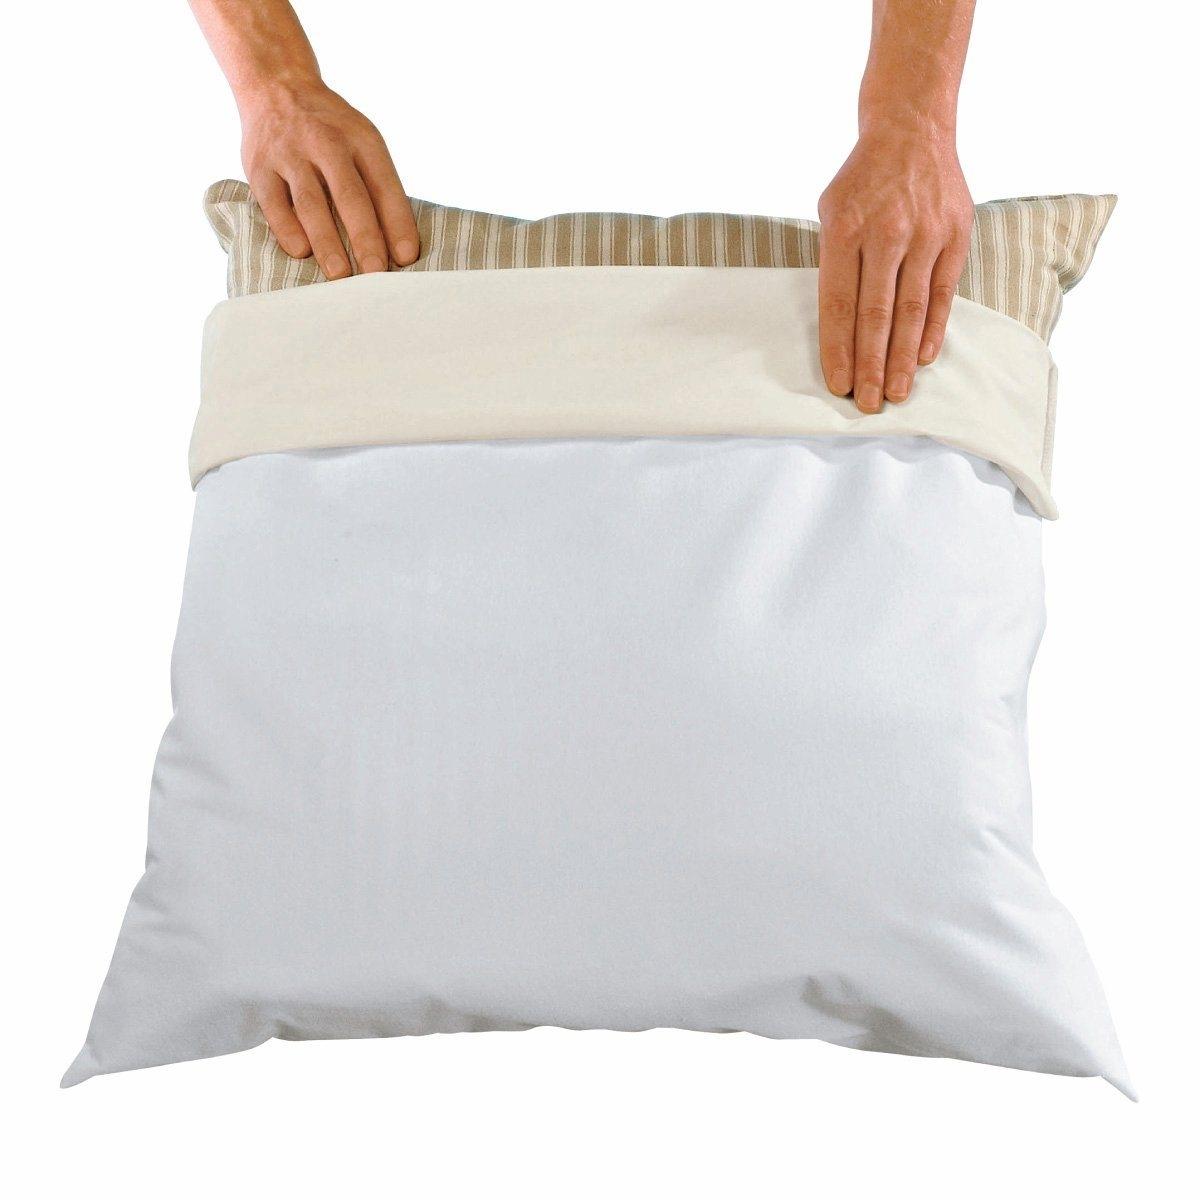 Чехол защитный для подушкиКачество VALEUR S?RE. Защитный чехол для подушки DERMALEINE®. Дышит и не промокает. Тонкий и мягкий материал прекрасно защищает от клещей, что снижает риск возникновения аллергии. Хлопковое джерси стретч с полиуретановой пропиткой для максимального комфорта. Обработка против бактерий и неприятного запаха. Обработка MICROSTOP® против клещей (официальные лабораторные опыты доказали ее безопасность для человека и эффективность даже после многочисленных стирок. Стирка при 60°, быстро сохнет.<br><br>Цвет: белый